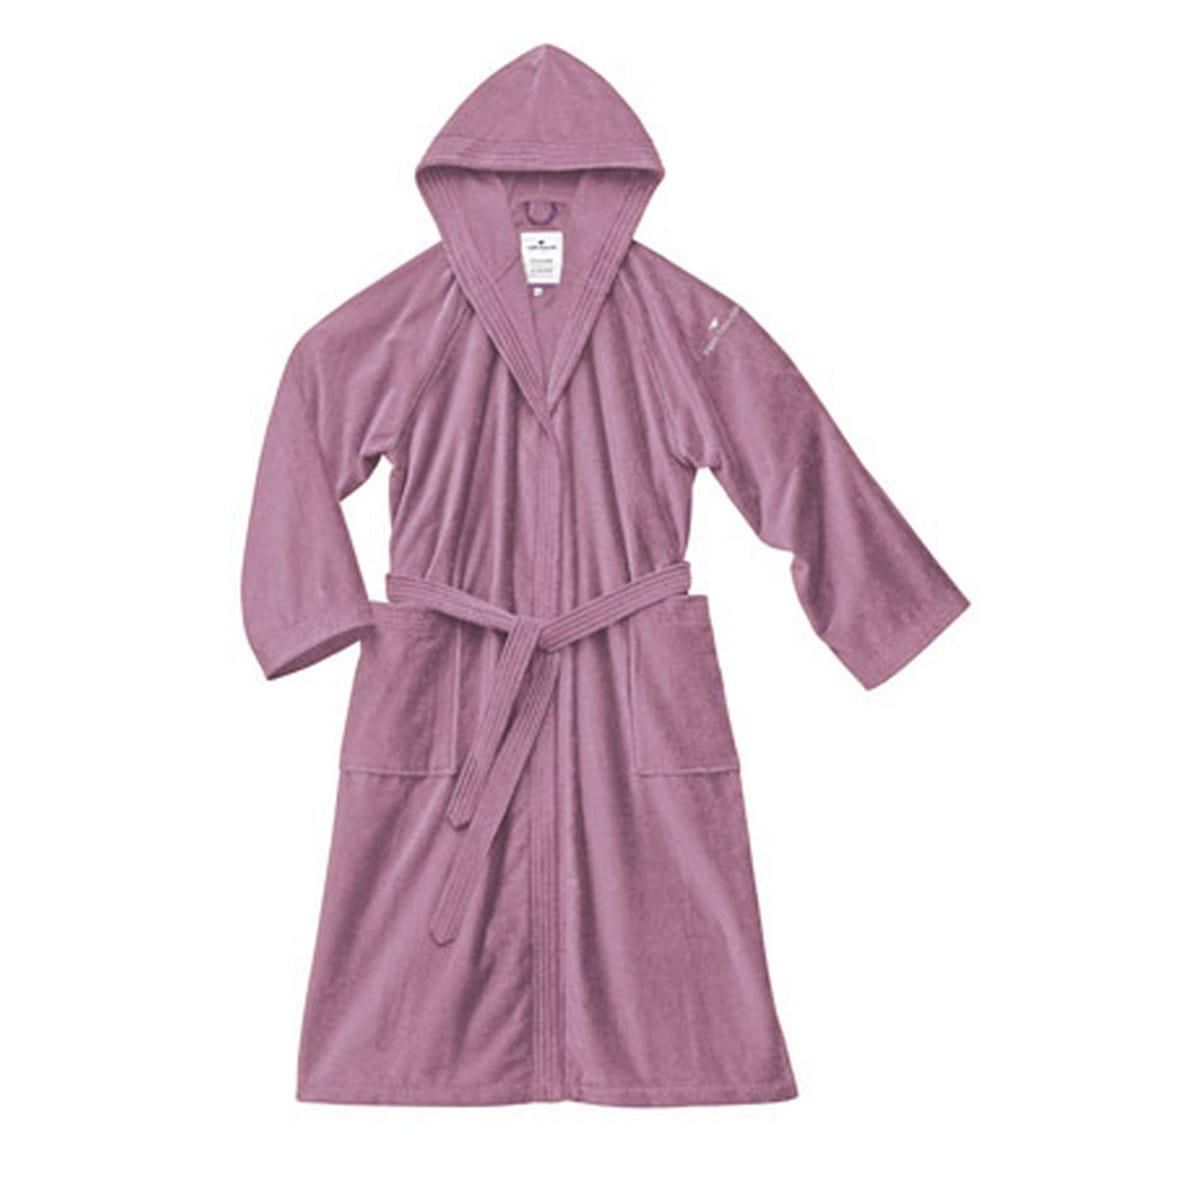 Μπουρνούζι 110 401 935 Purple Tom Tailor X-Small XS